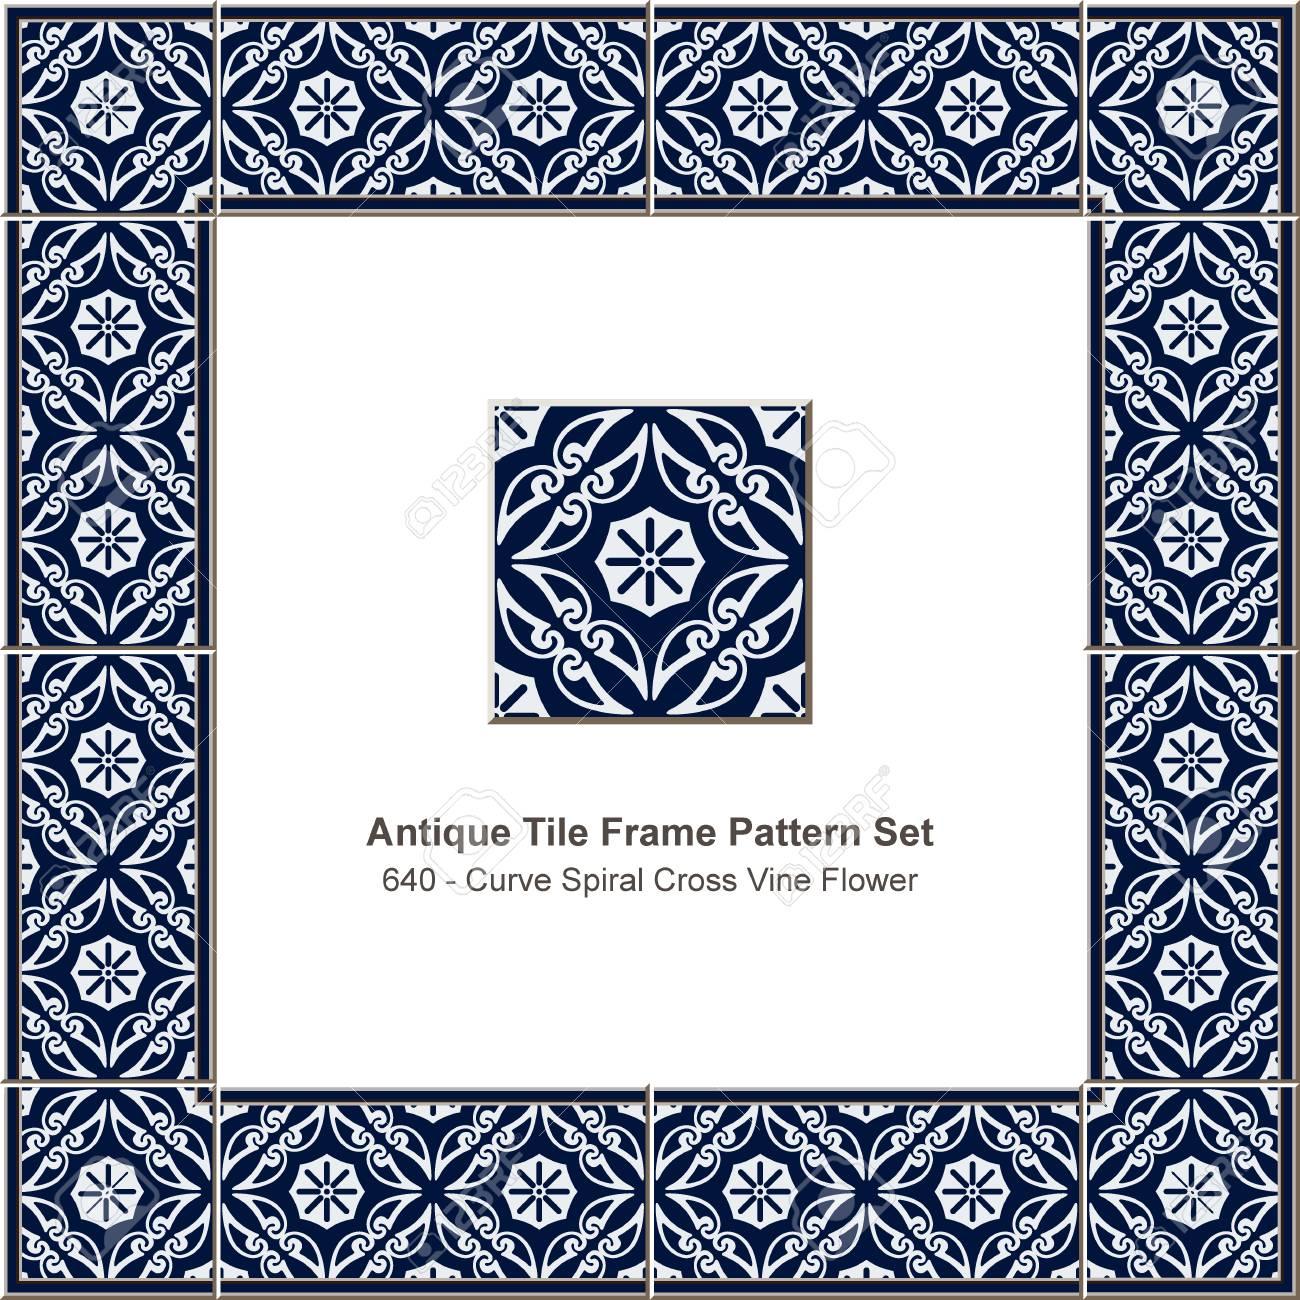 Antique Tile Frame Pattern Set Curve Spiral Cross Vine Flower ...